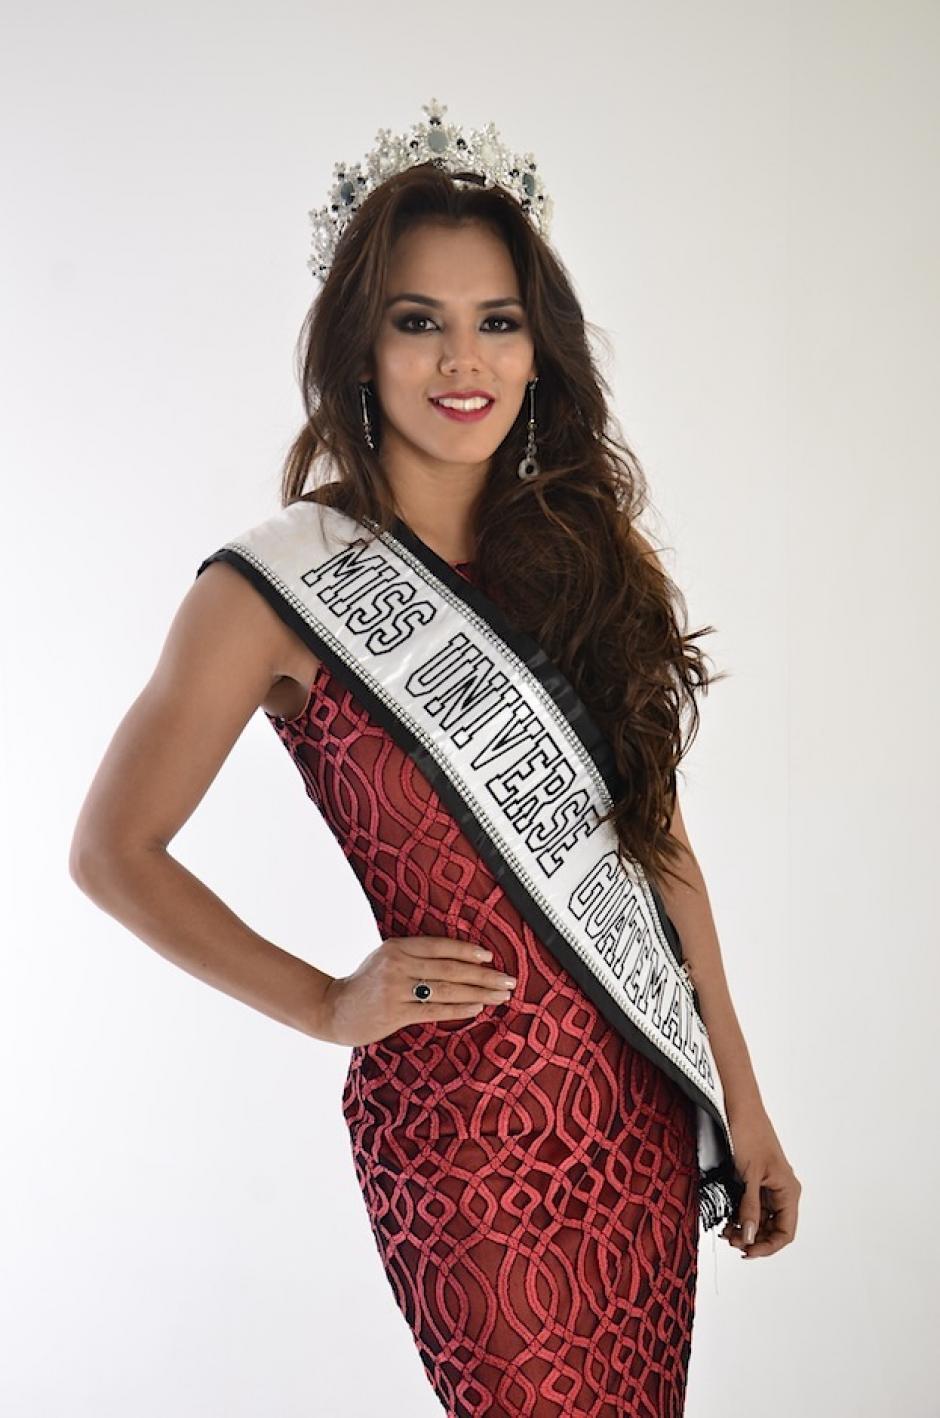 Virginia representó a Jutiapa en el certamen. (Foto: Selene Mejía/Soy502)